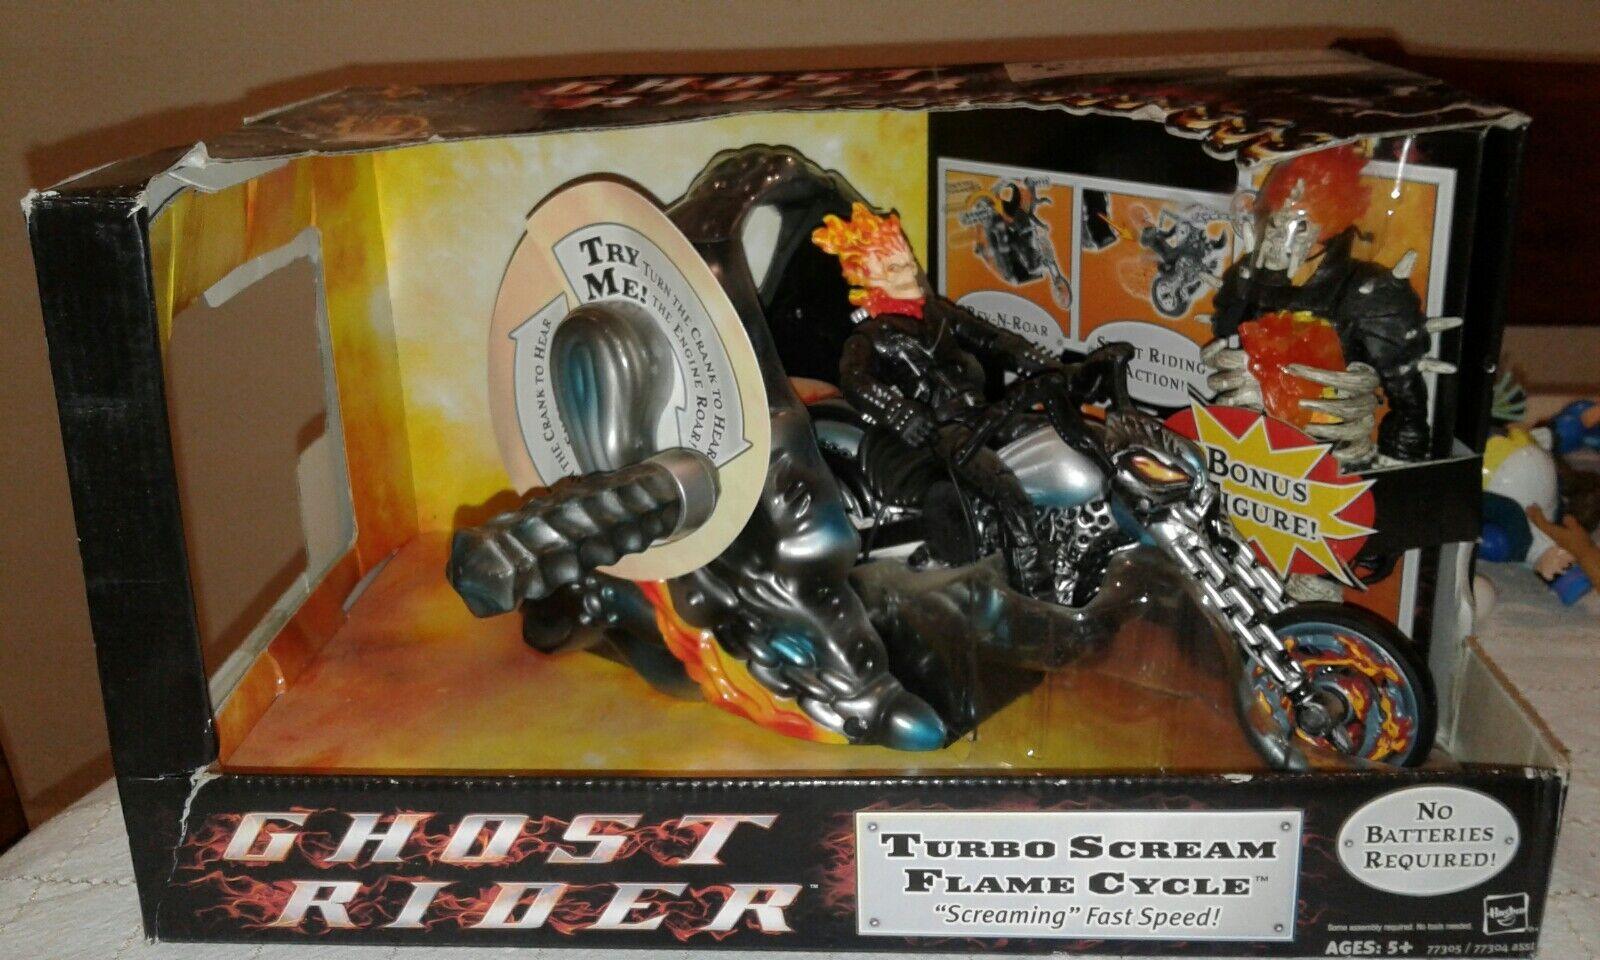 Marvel - legenden ghost rider film turbo schreien flamme zyklus + bonus wert (a3)